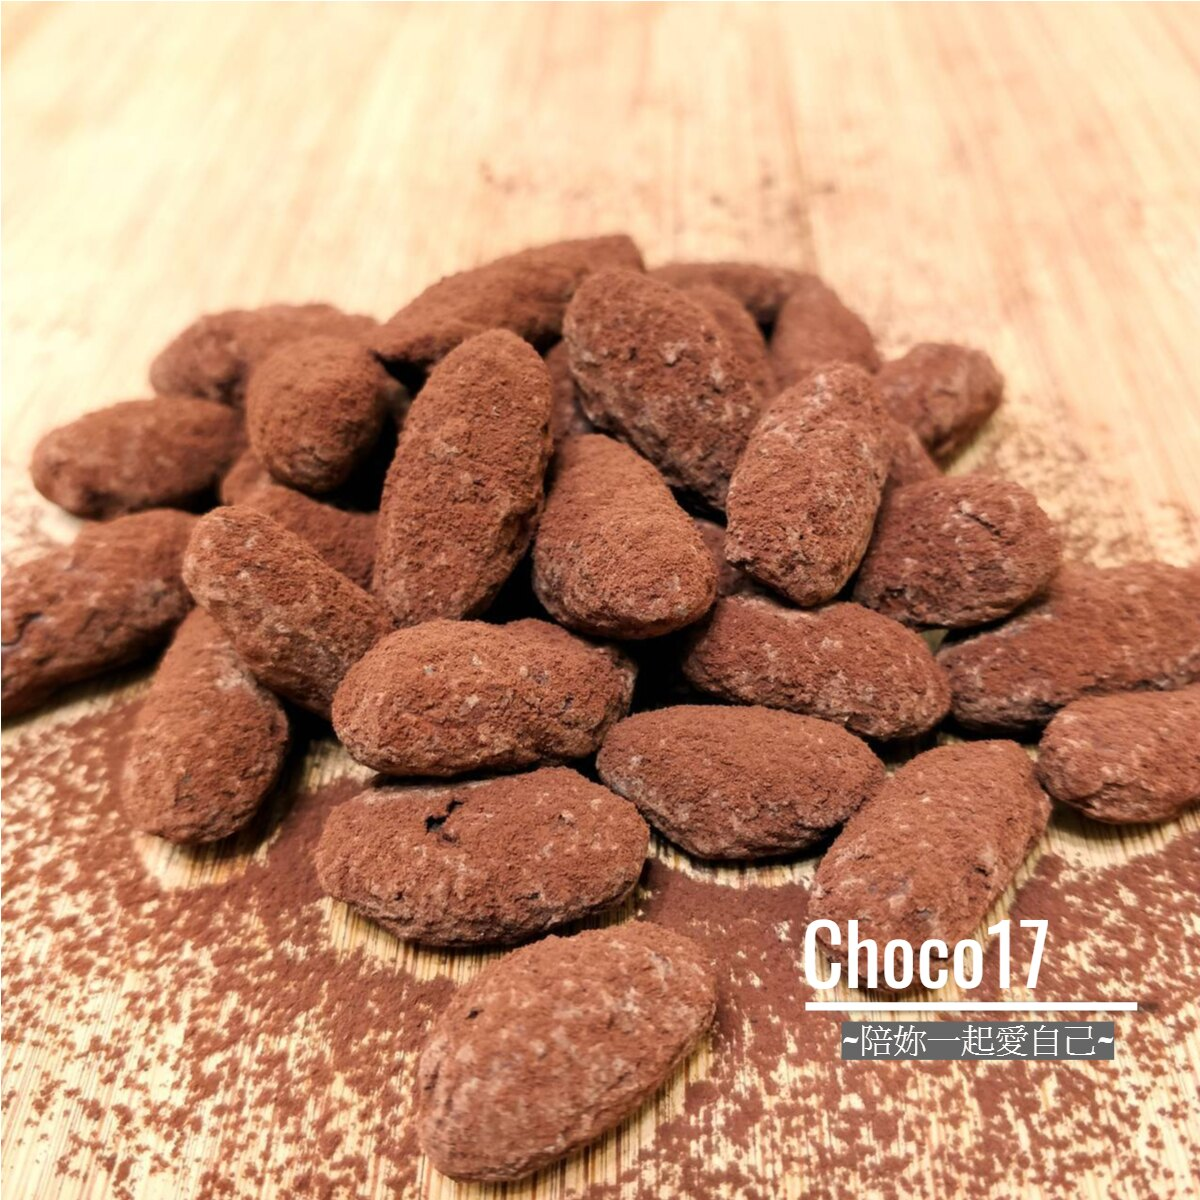 無糖巧克力可可豆 ❤減重 | 生酮飲食必備❤第二件79折【Choco17 香謝17巧克力】巧克力專賣  | 領卷滿1000現折100 0